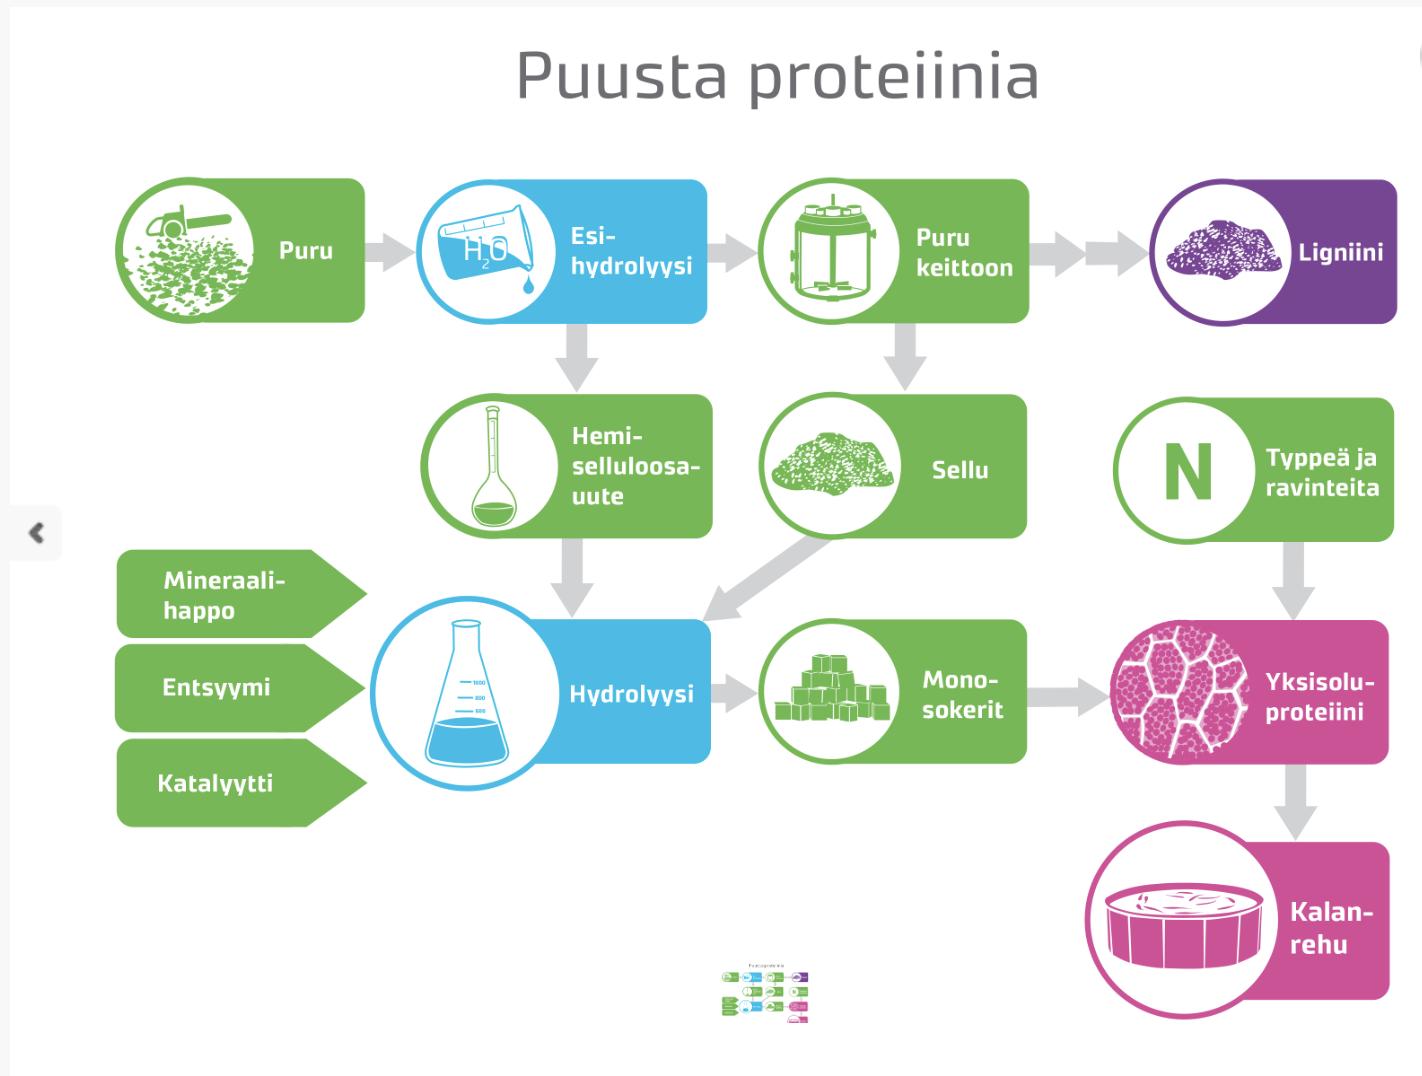 Kaaviokuva siitä, miten puusta aiotaan tehdä proteiinia kalanrehuun.